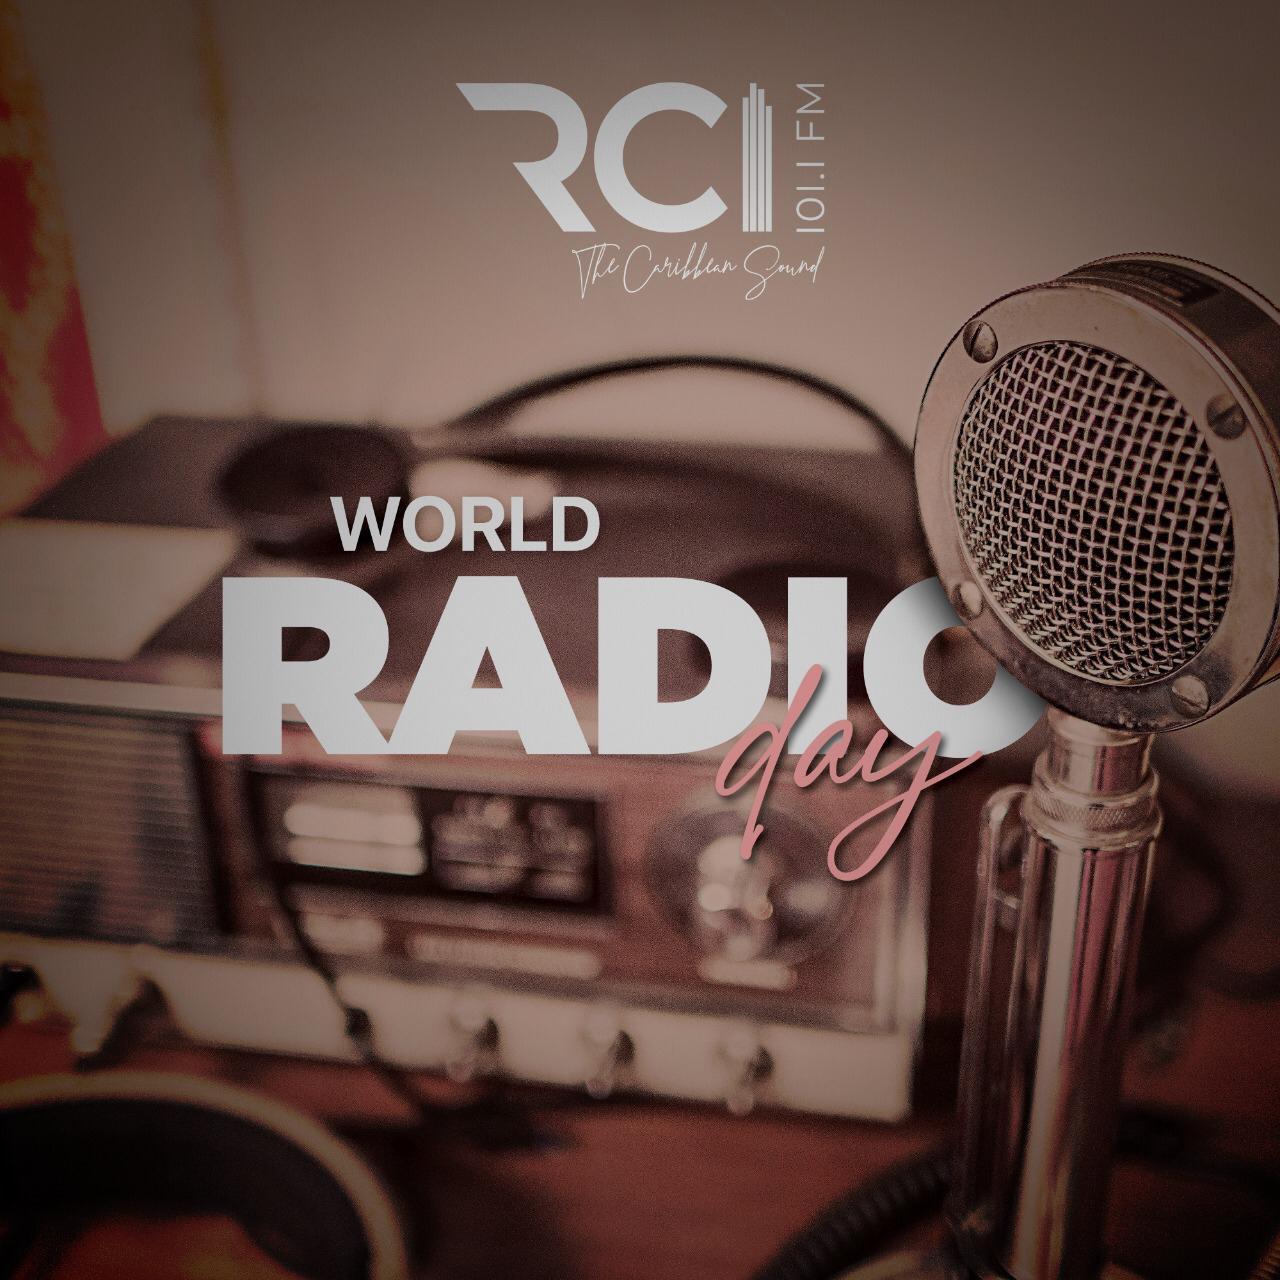 RCI Celebrates World Radio Day